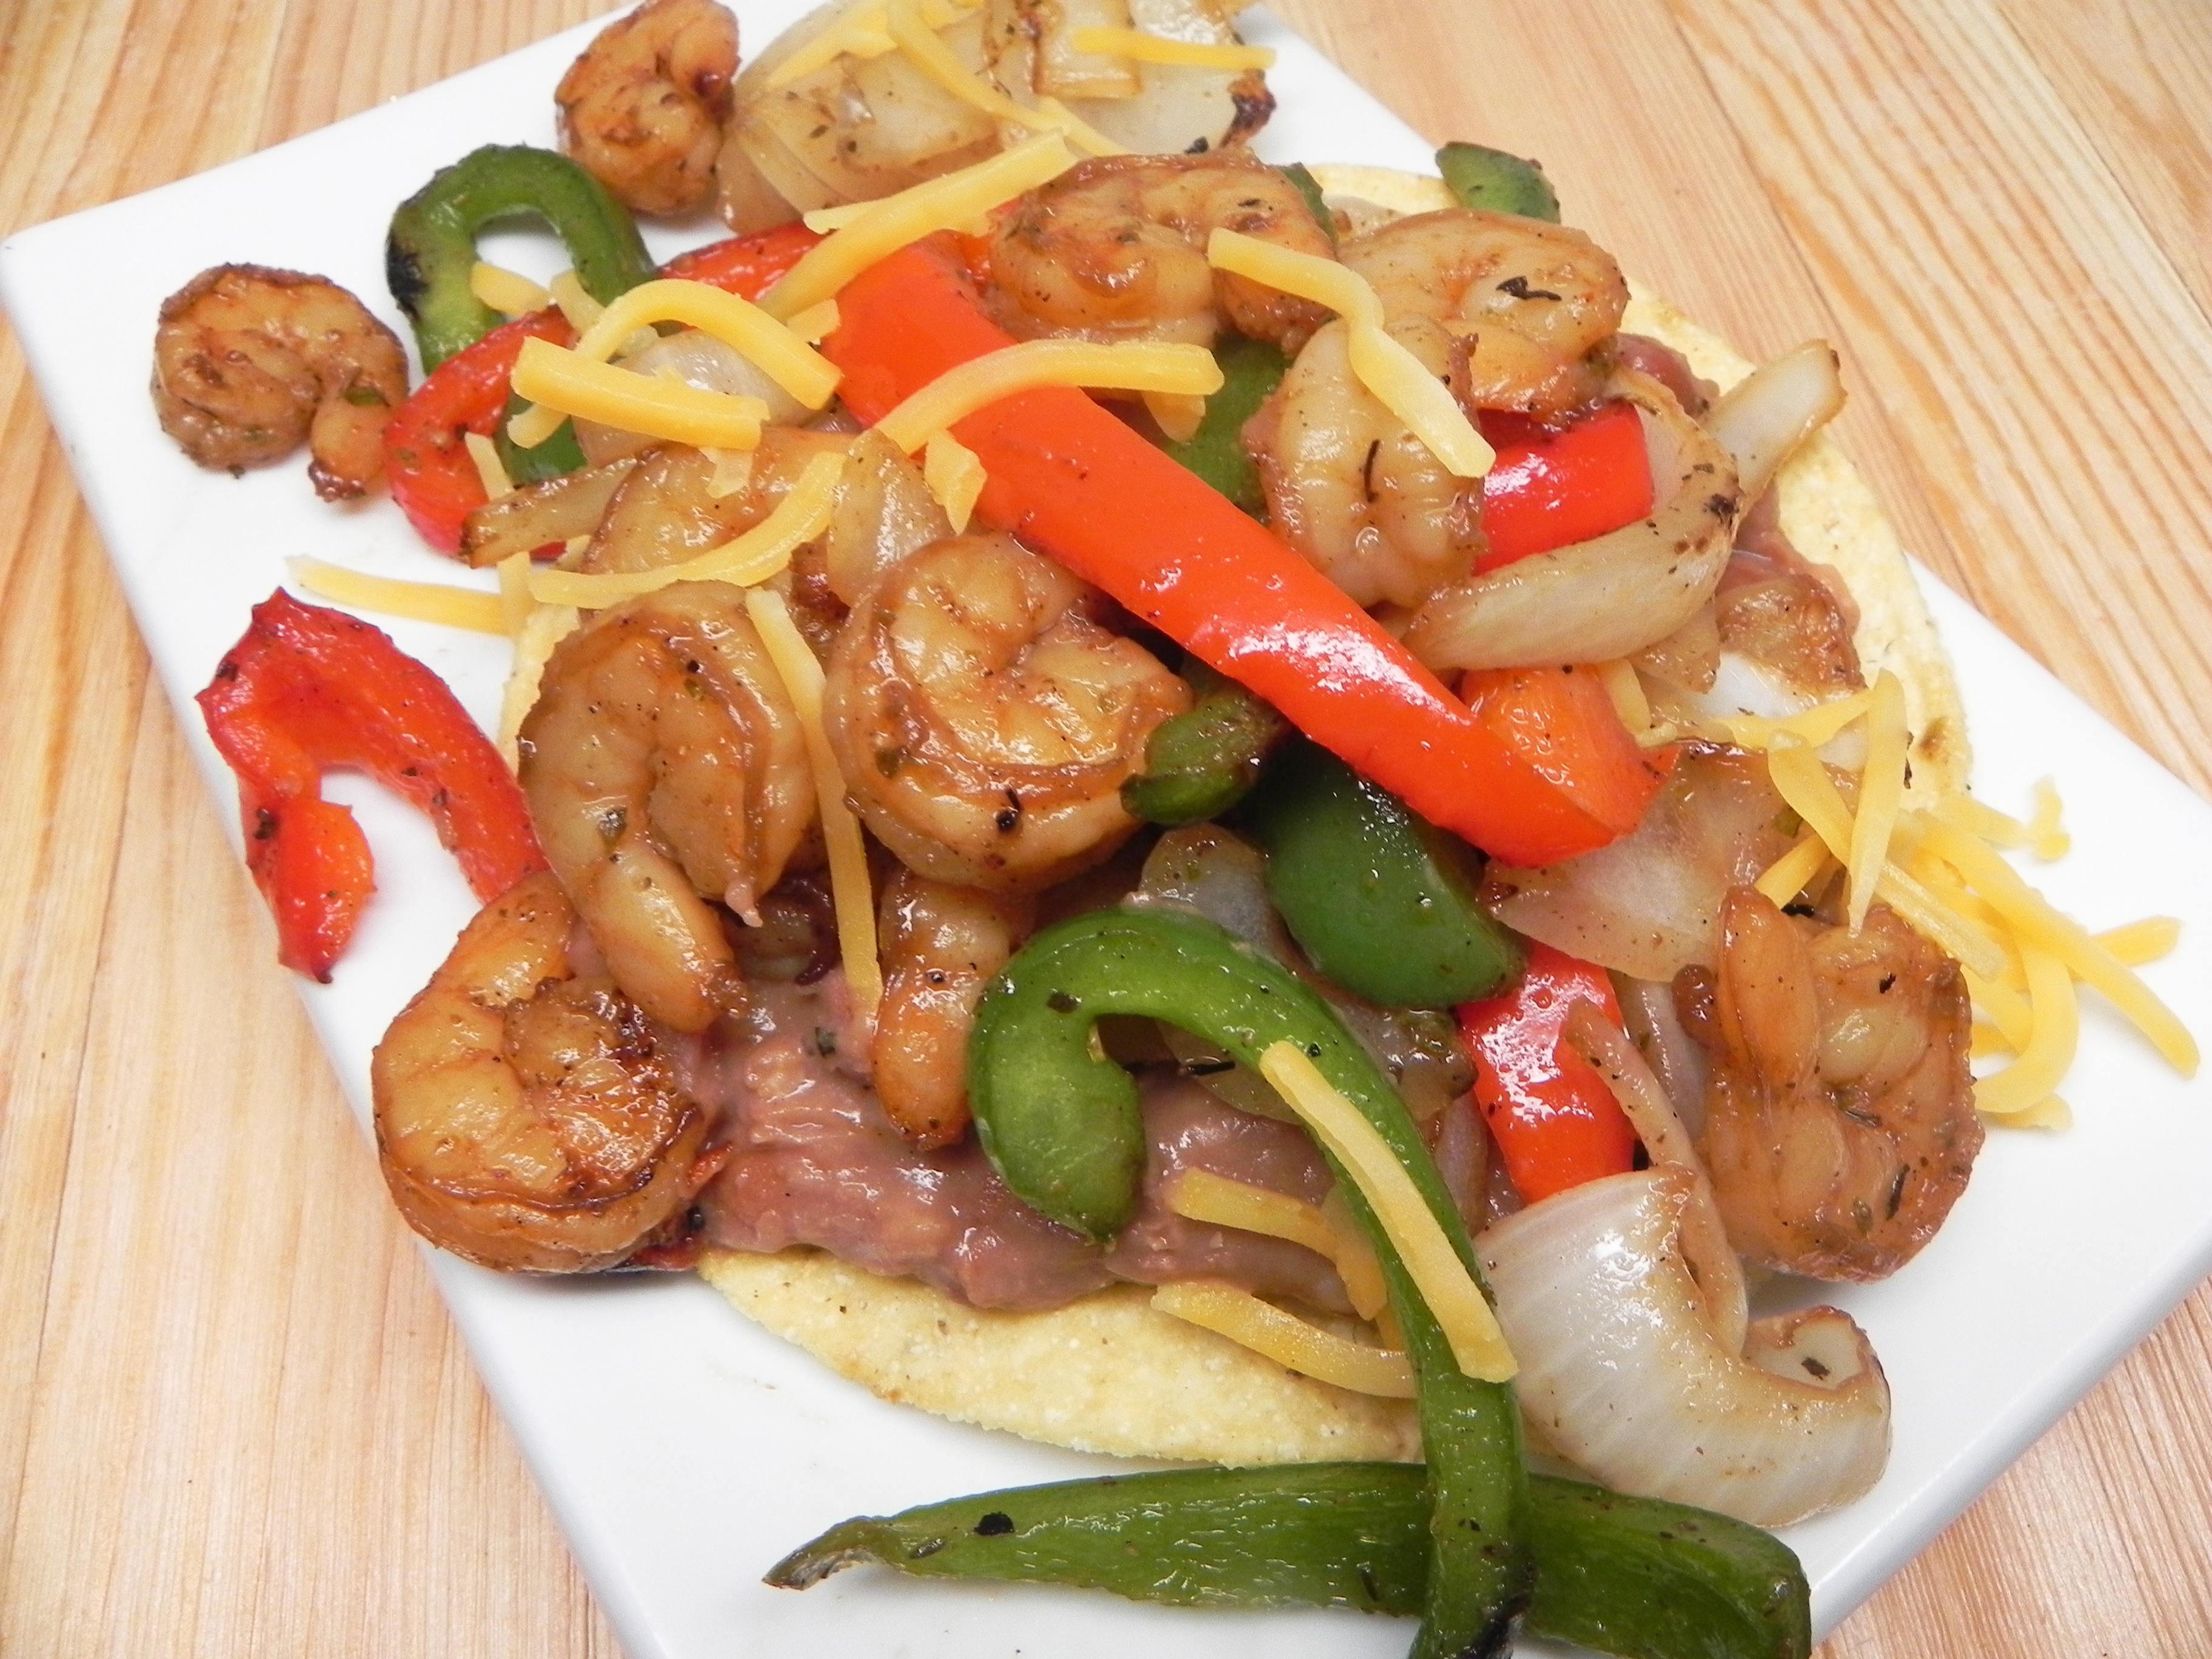 Crunchy Shrimp Fajitas